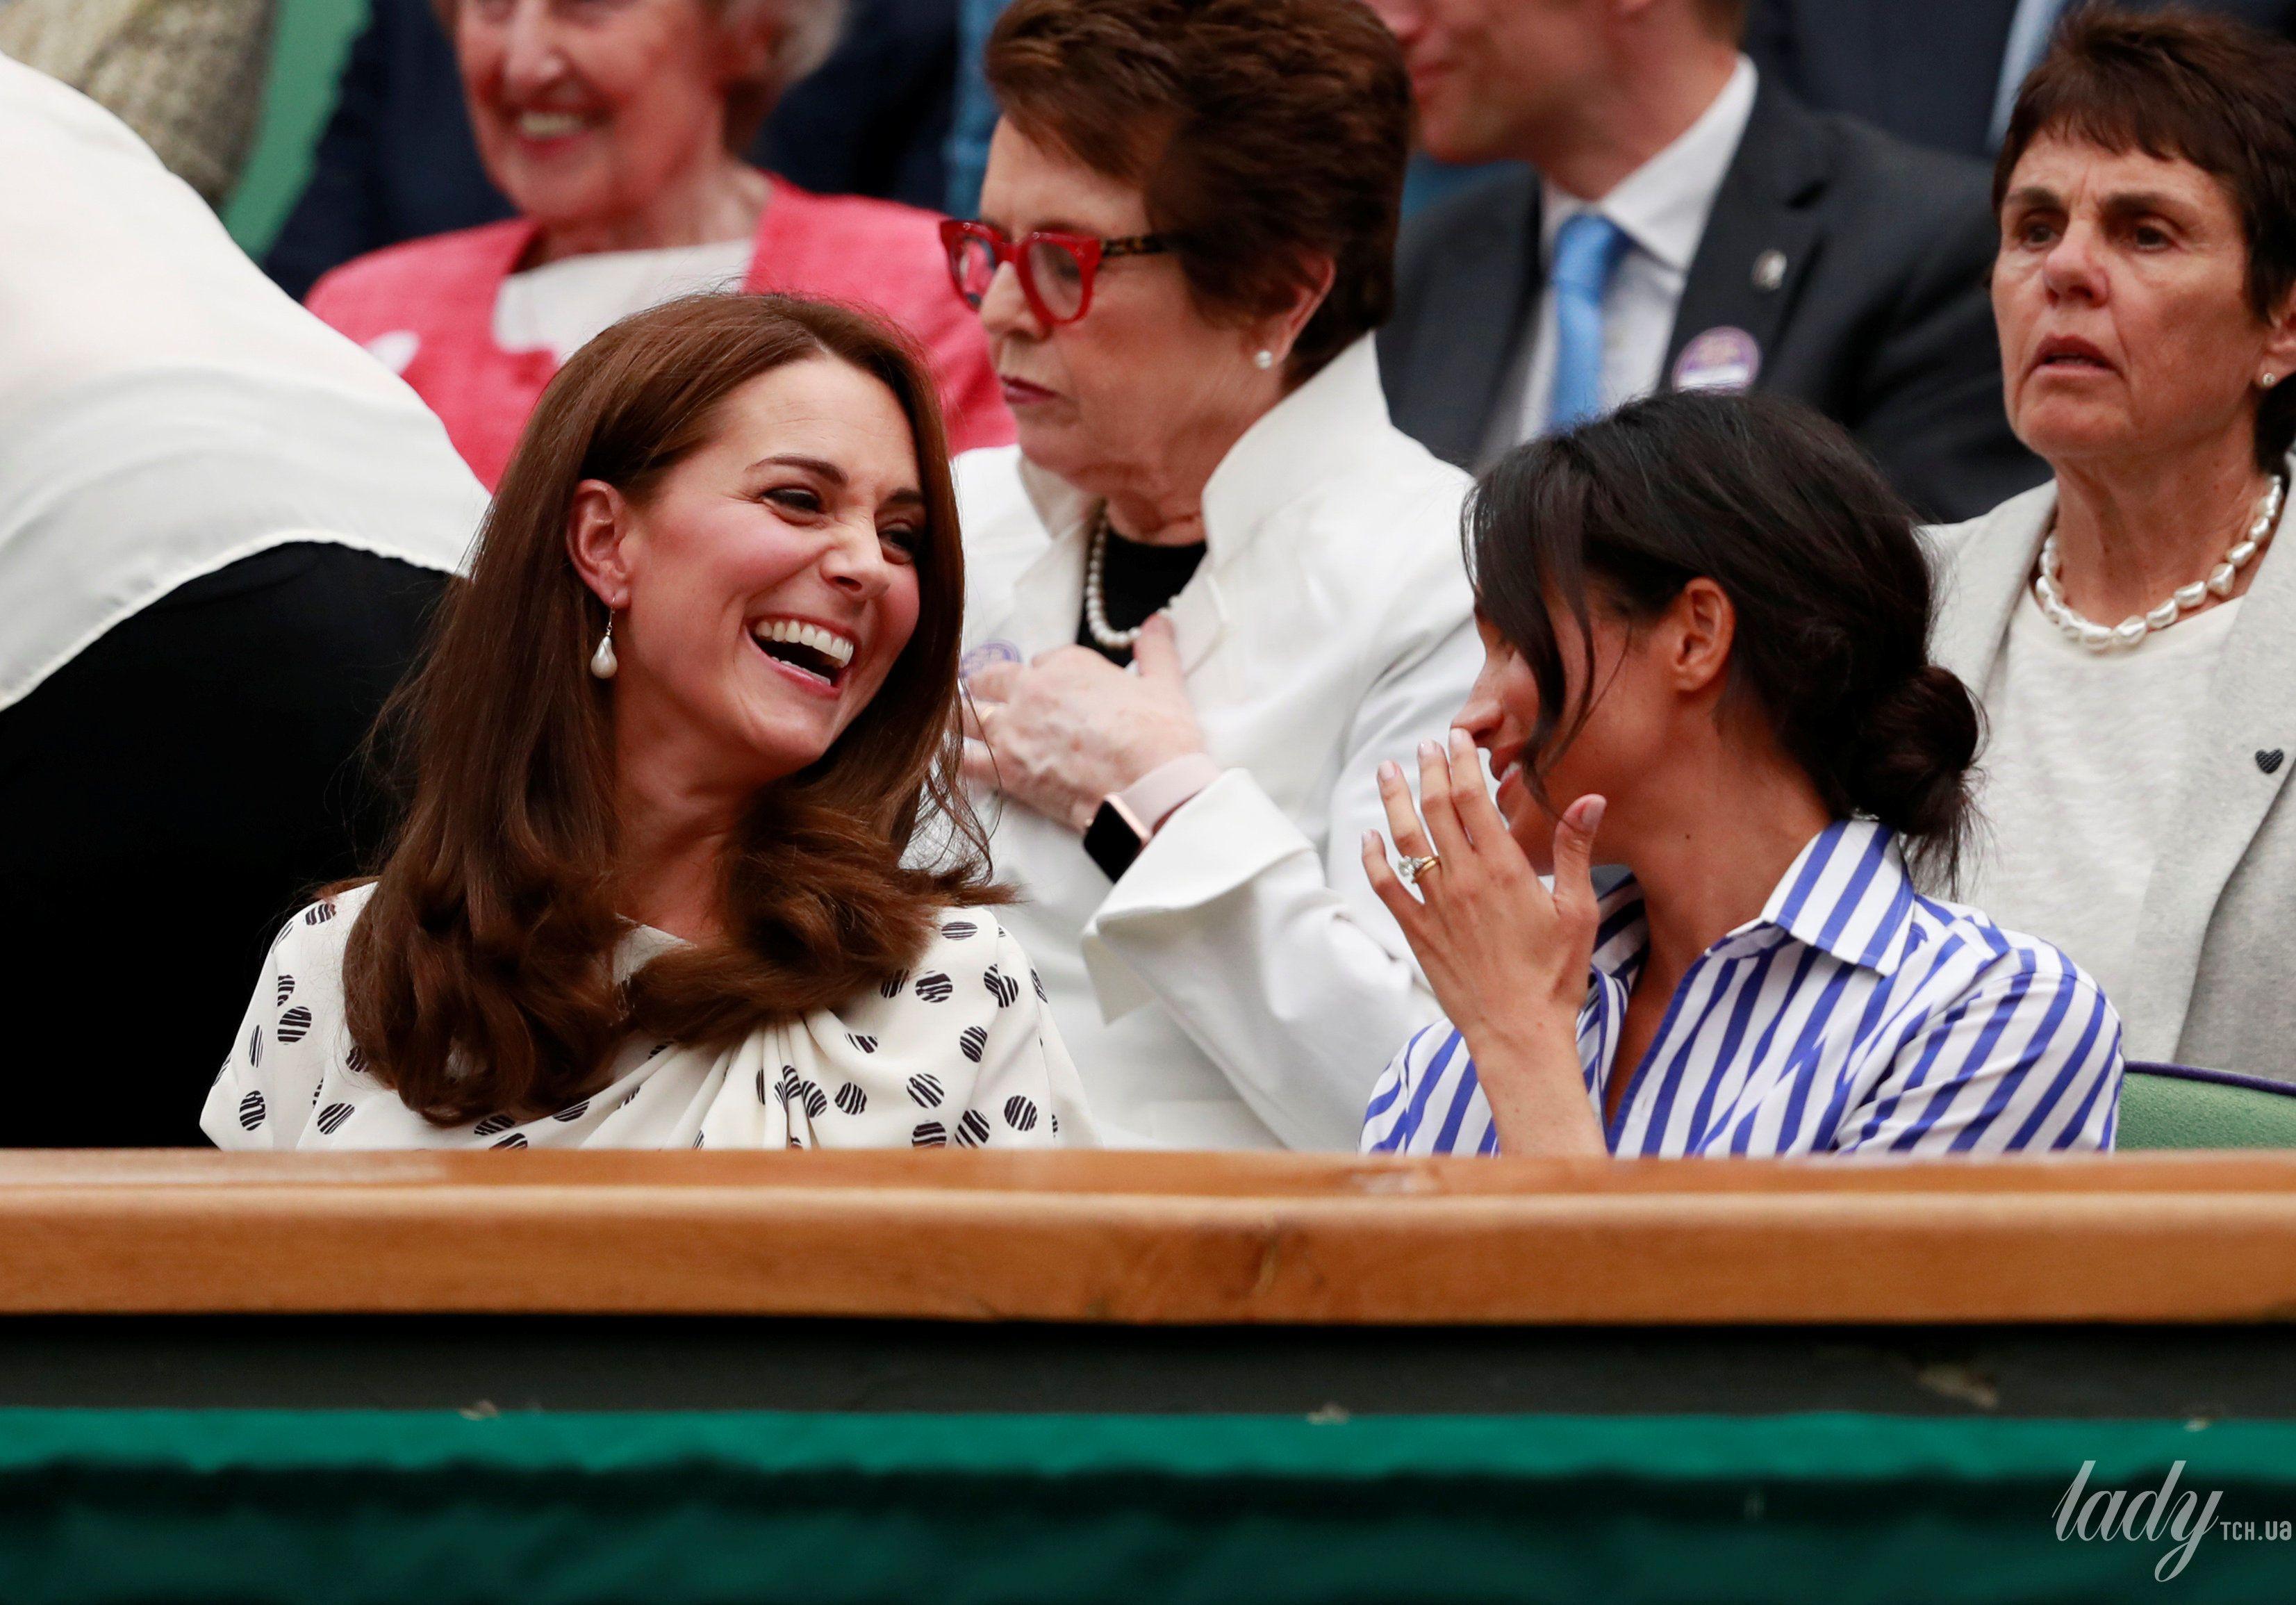 Герцогиня Кембриджская и герцогиня Сассекская_5